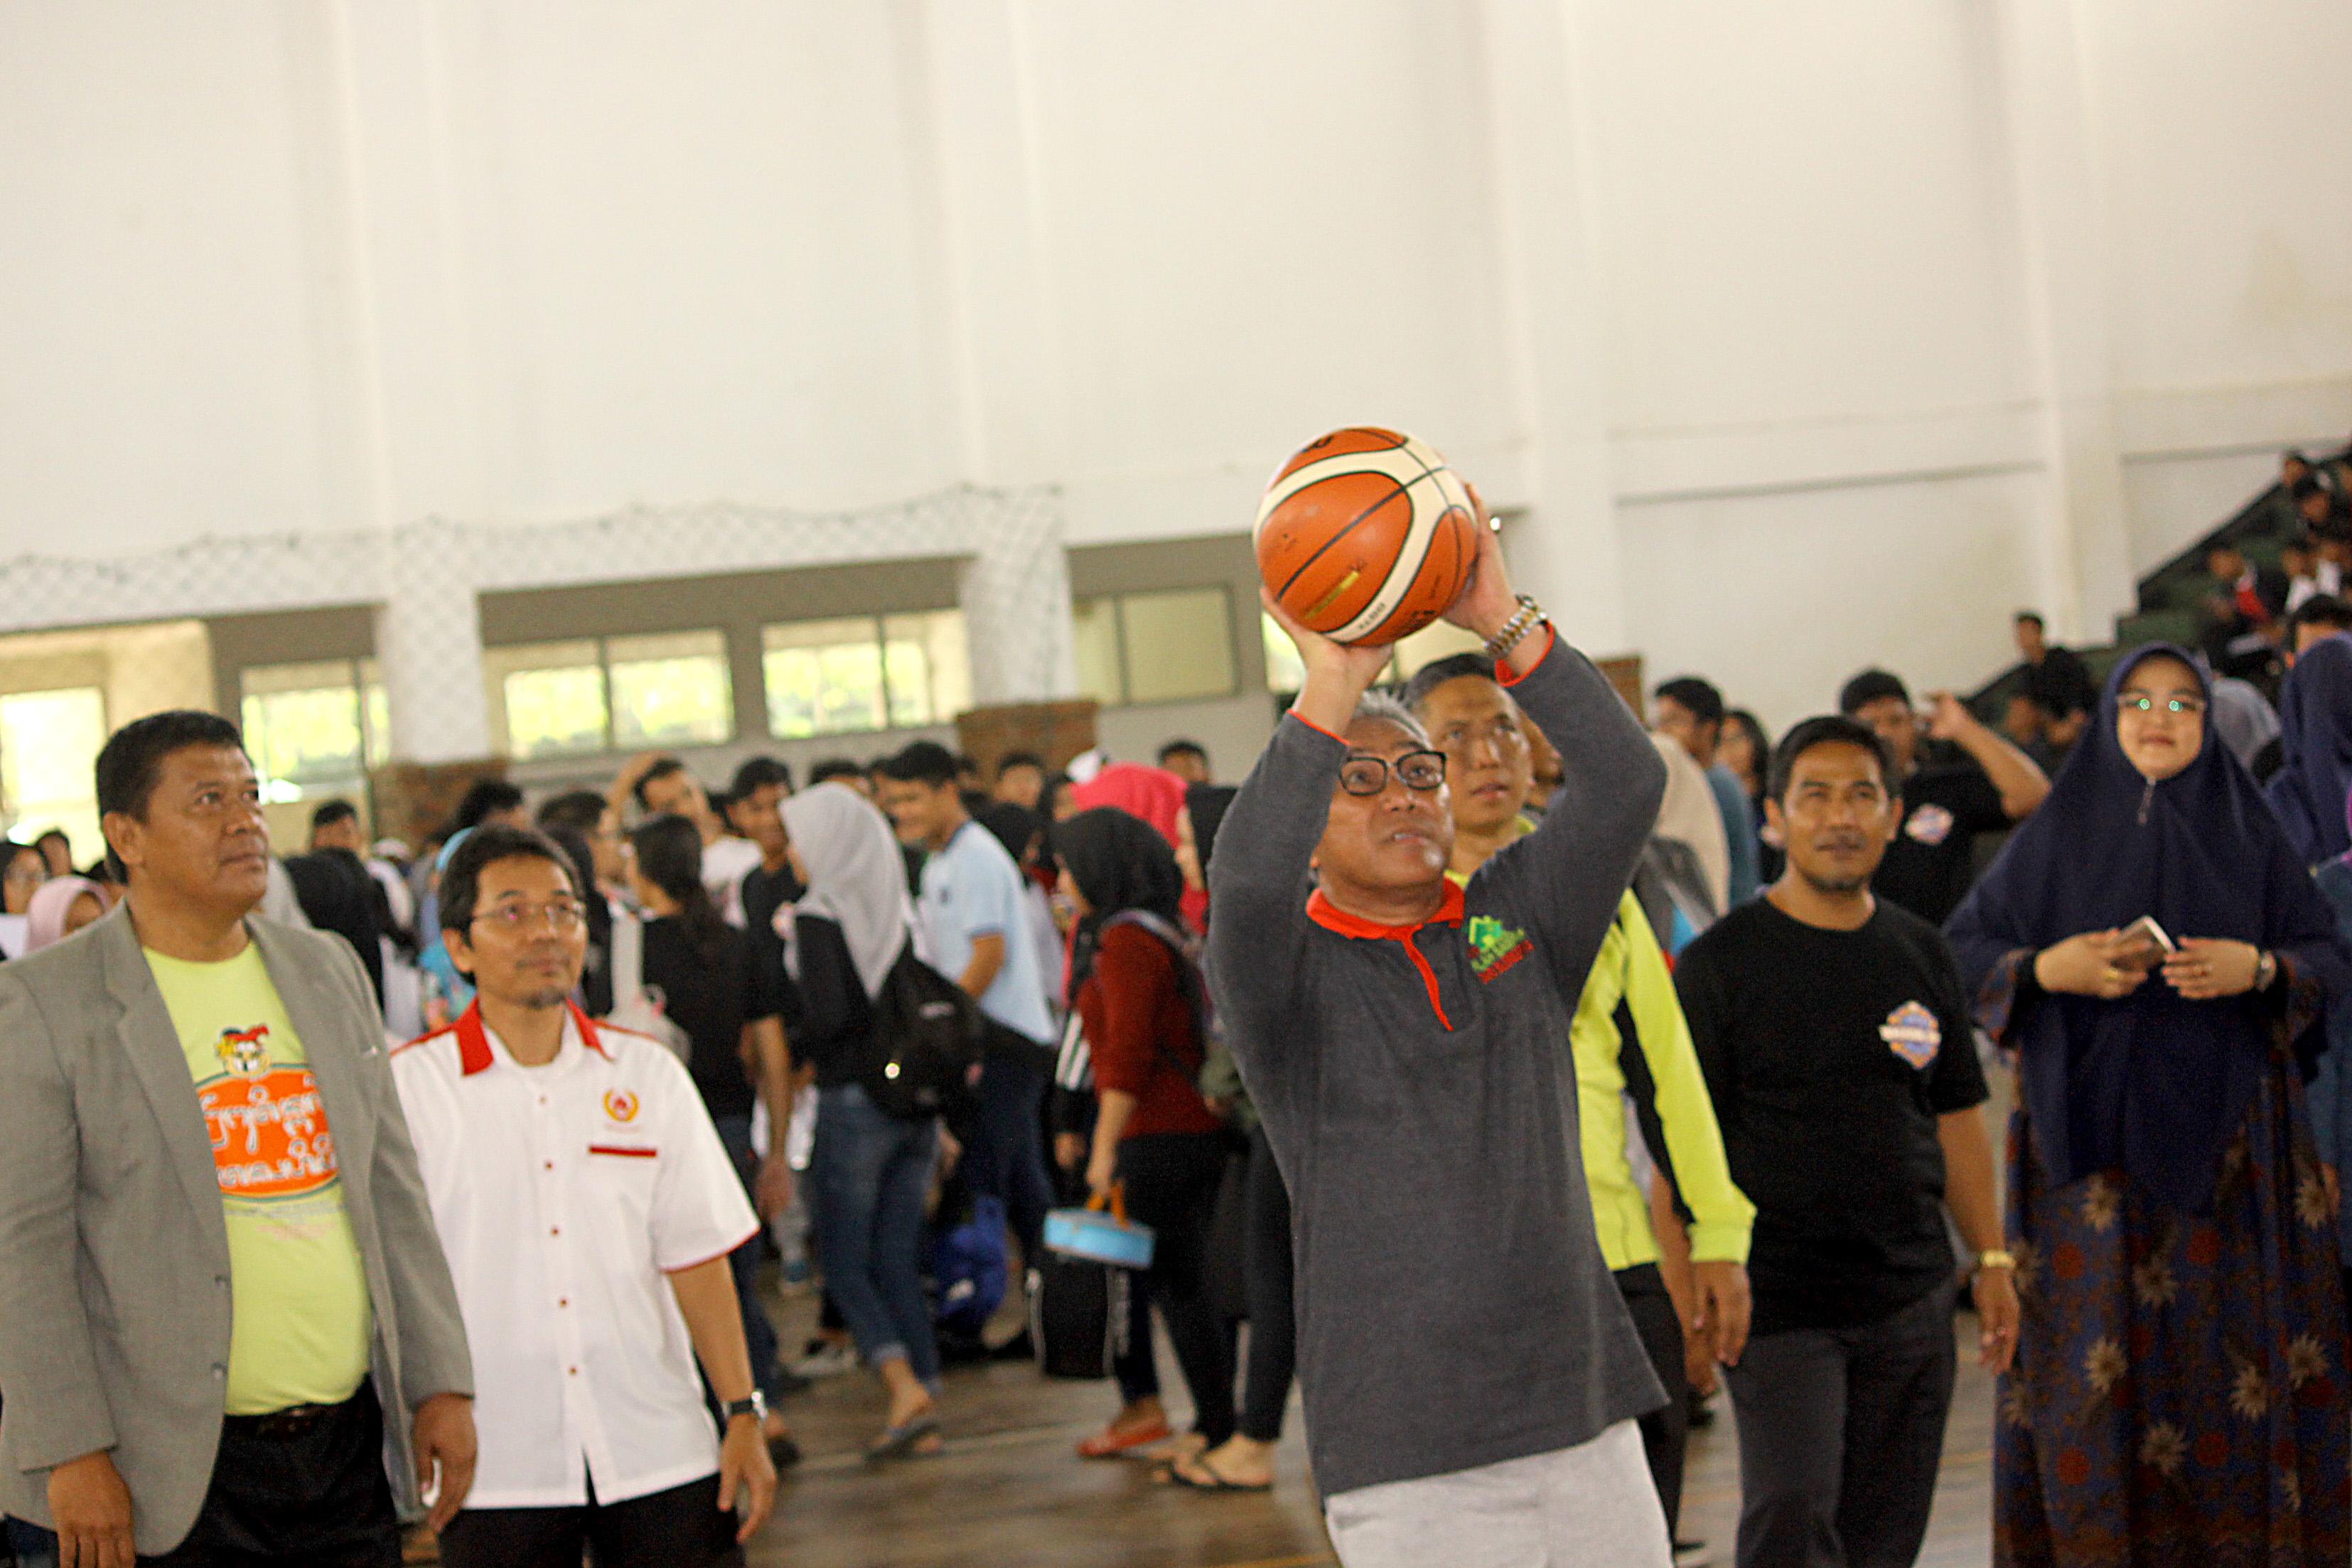 Walikota Depok Mohammad Idris secara simbolik melemparkan bola ke ring basket menandakan dimulainya kejuaraan SMADA CUP XI.